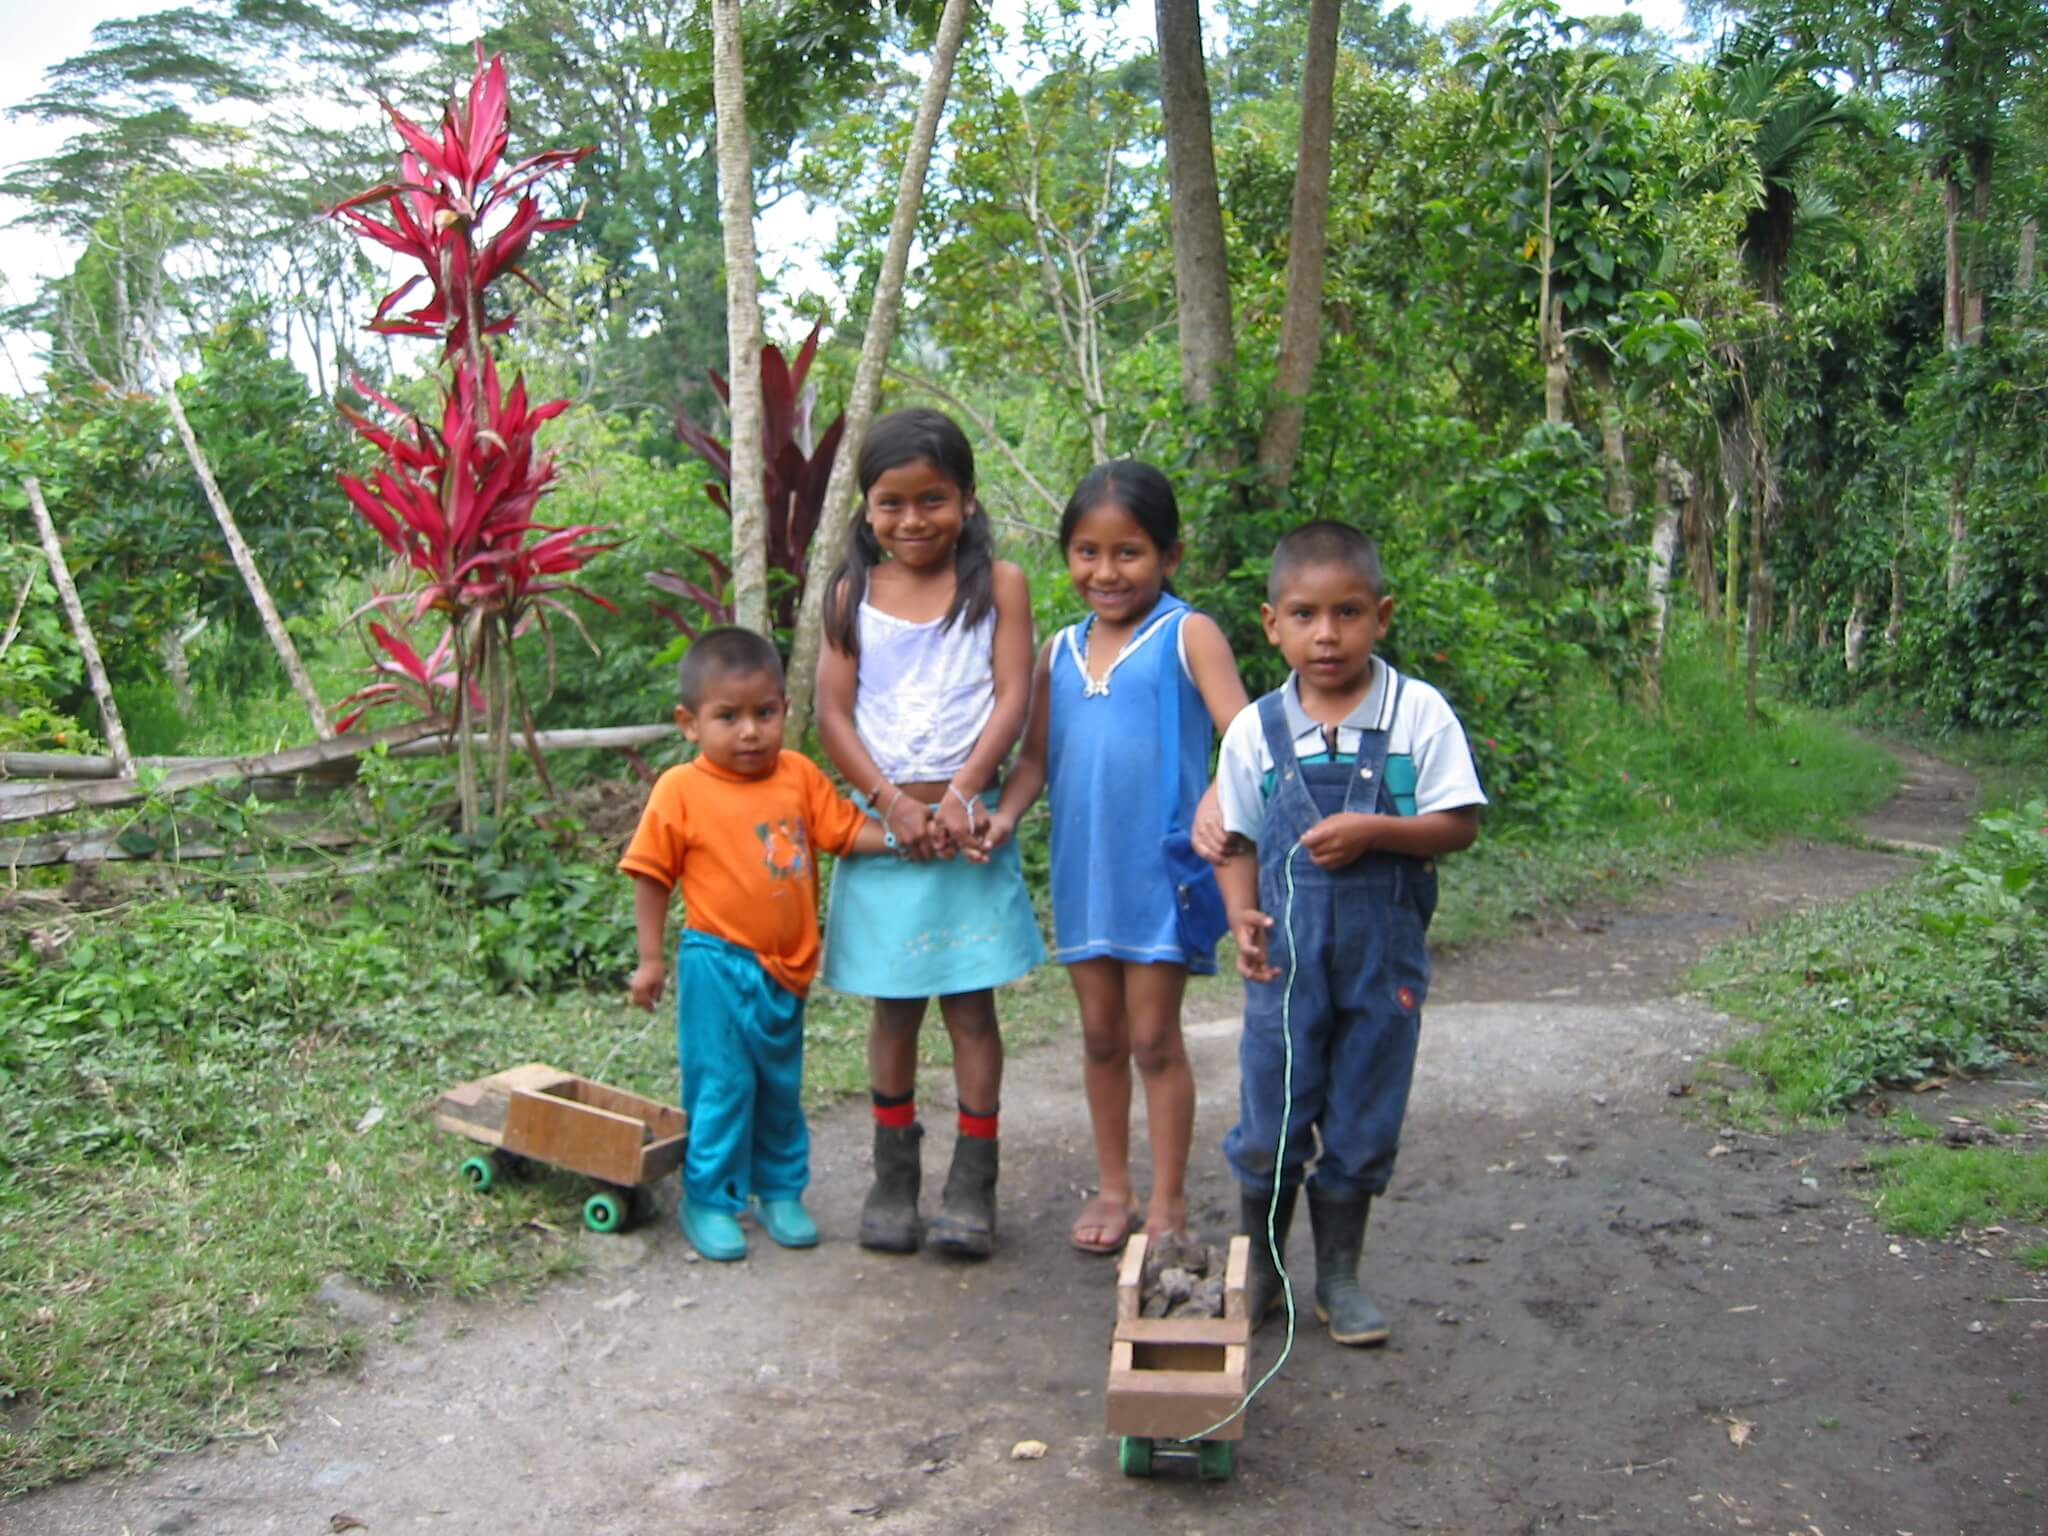 Privé familiereis Colombia 16 dagen - Colombia rondreis familie avontuur